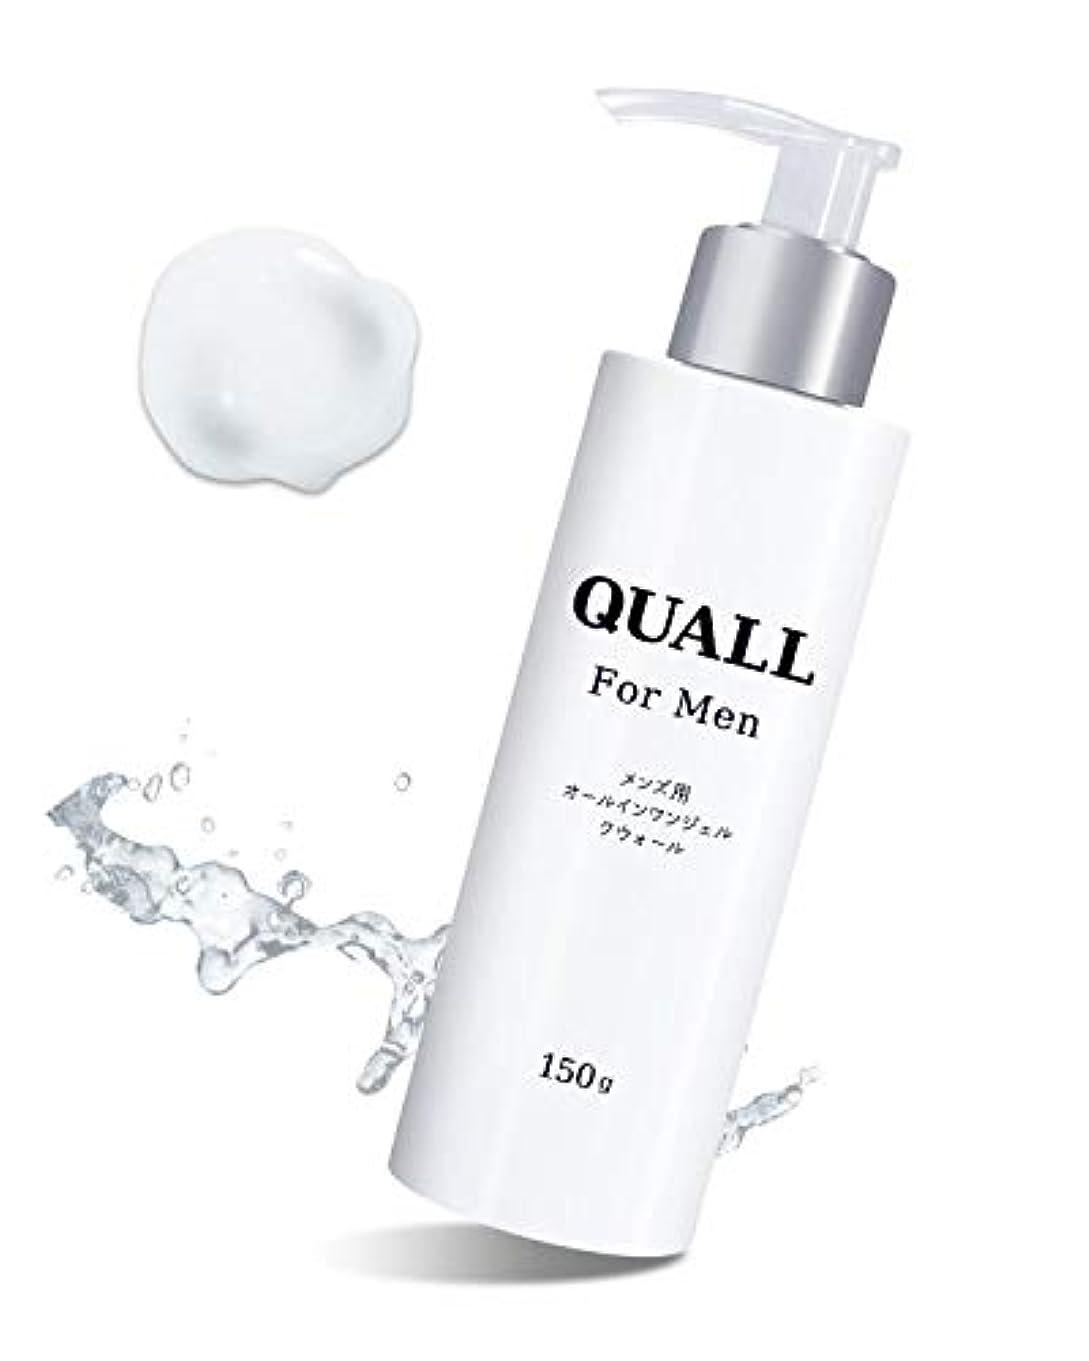 襲撃石鹸専らオールインワン メンズ 〔Quall for men〕オールインワンジェル 保湿 ニキビ 乾燥 化粧水 乳液 アフターシェーブ